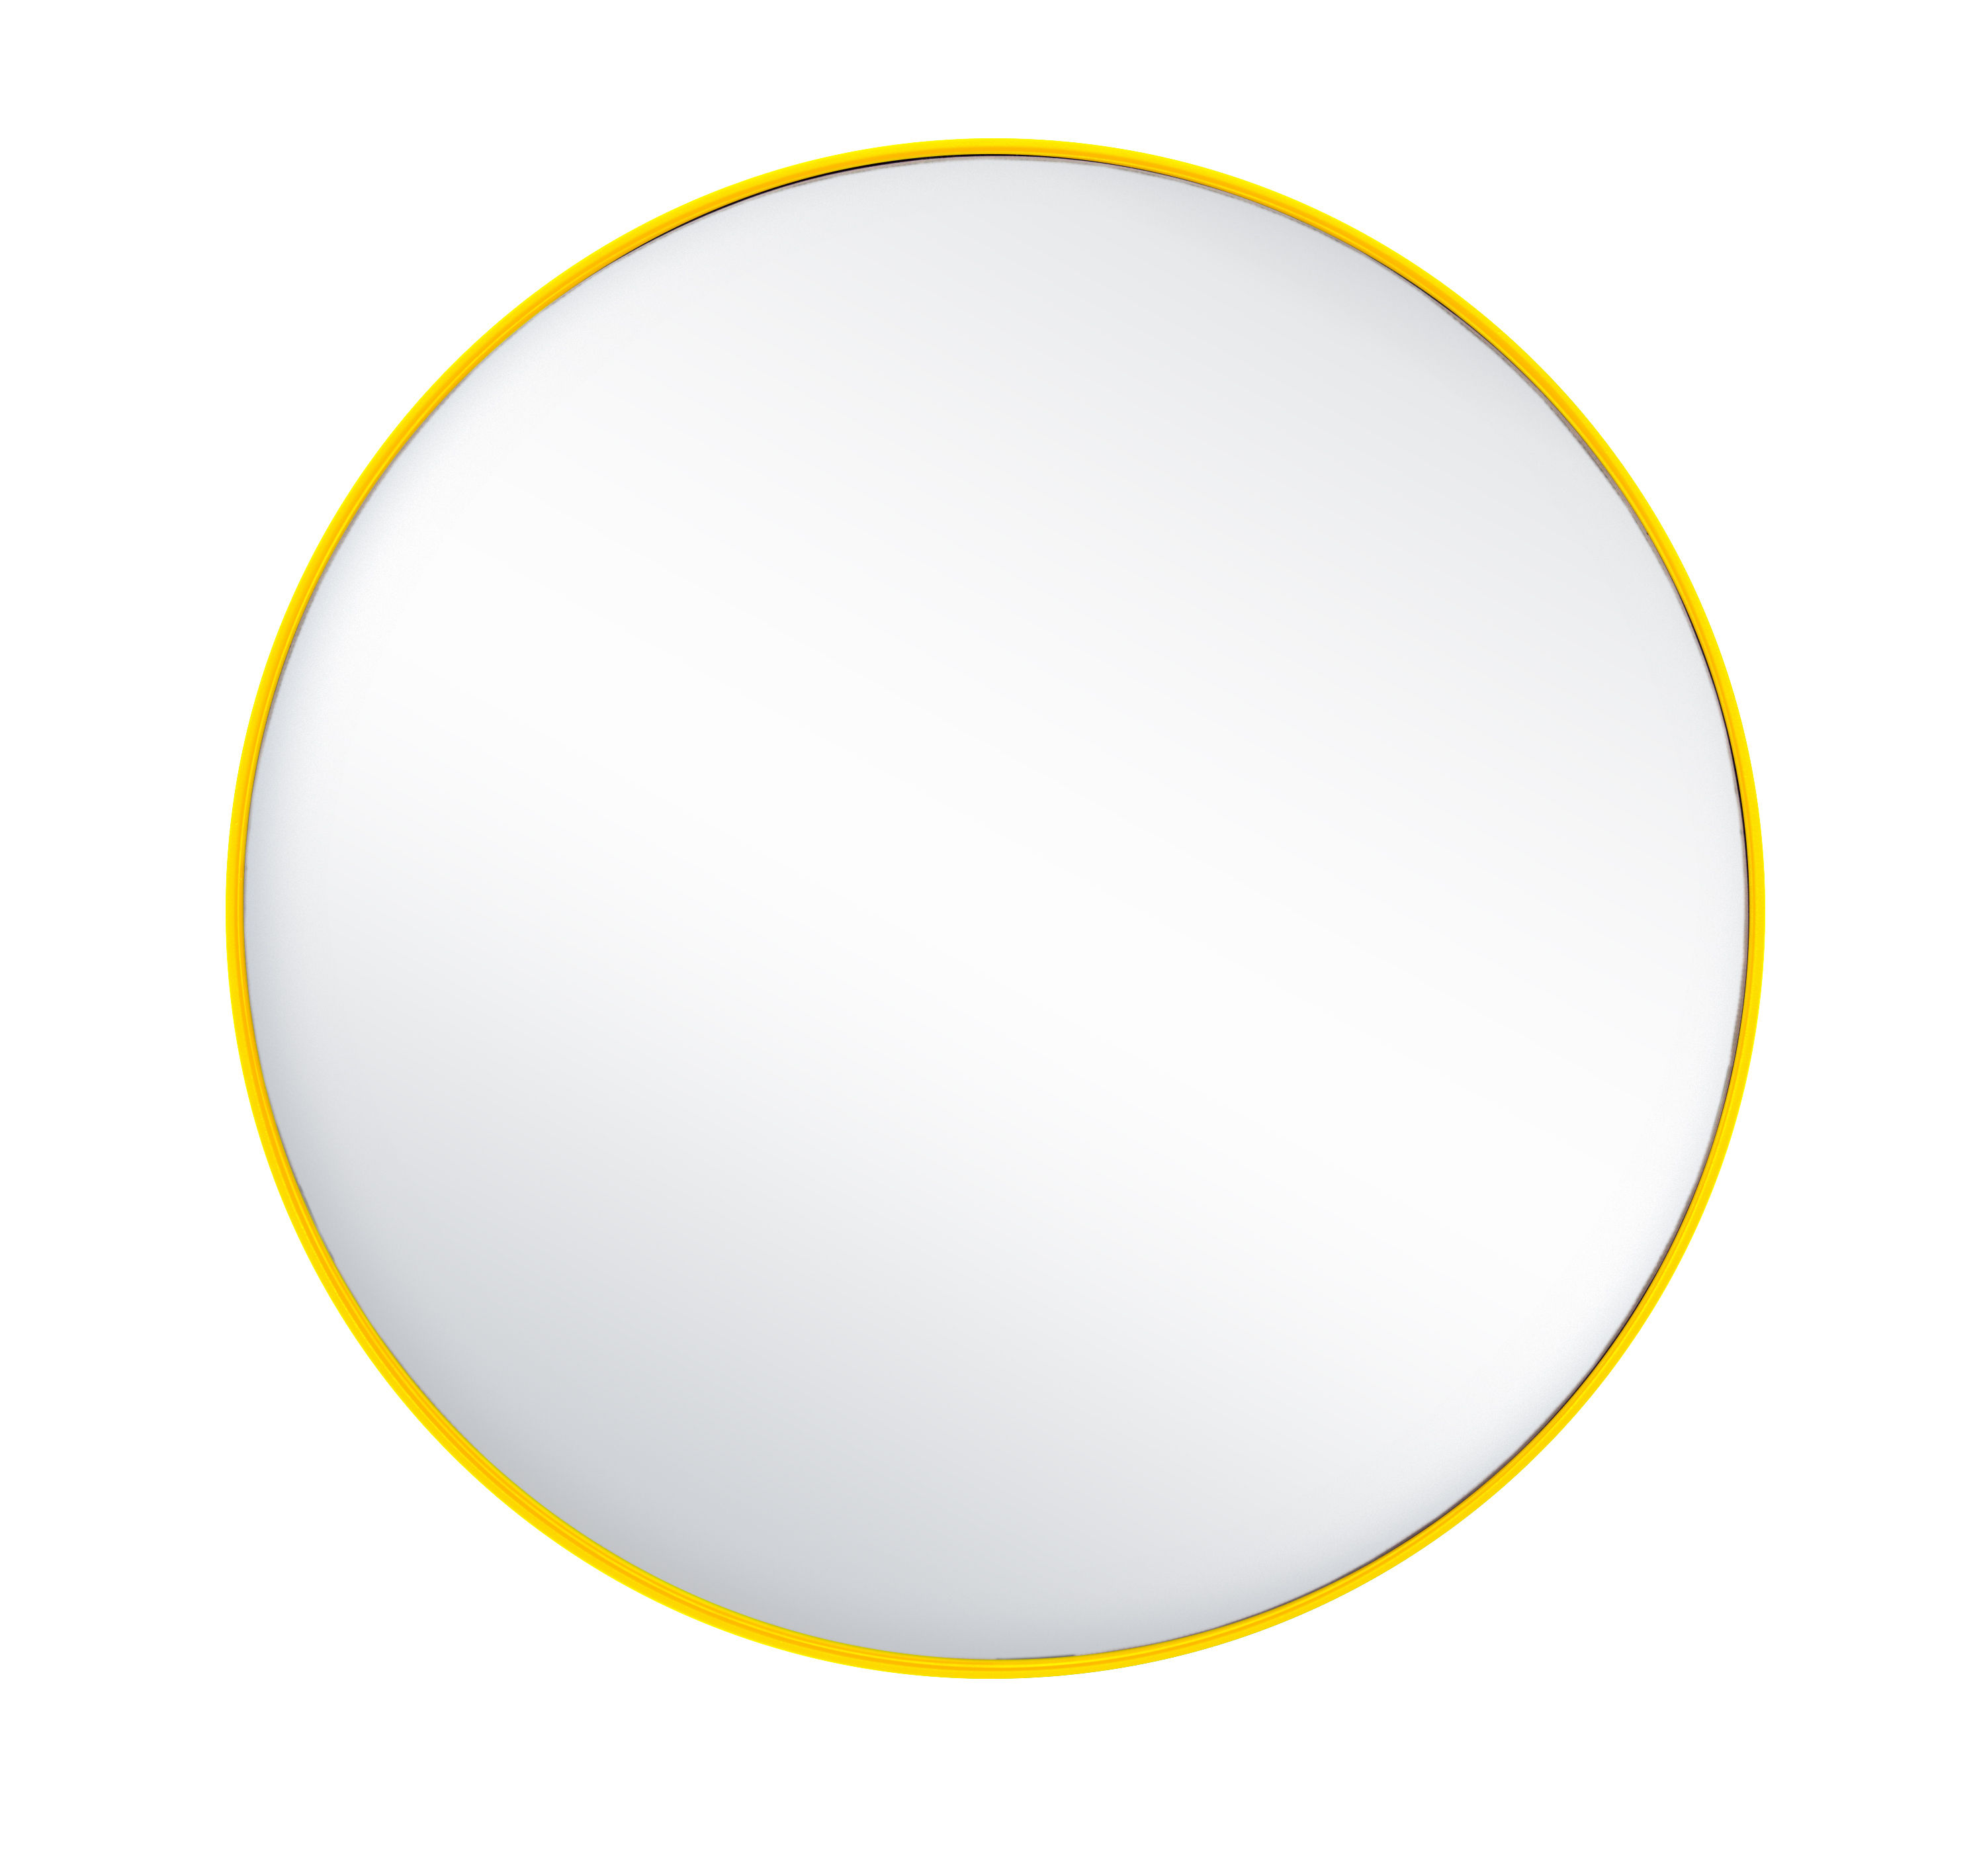 Interni - Specchi - Specchio G16 / Ø 44,8 cm - Acciaio - Tolix - Limone - Acciaio riciclato laccato, Vetro lucidato